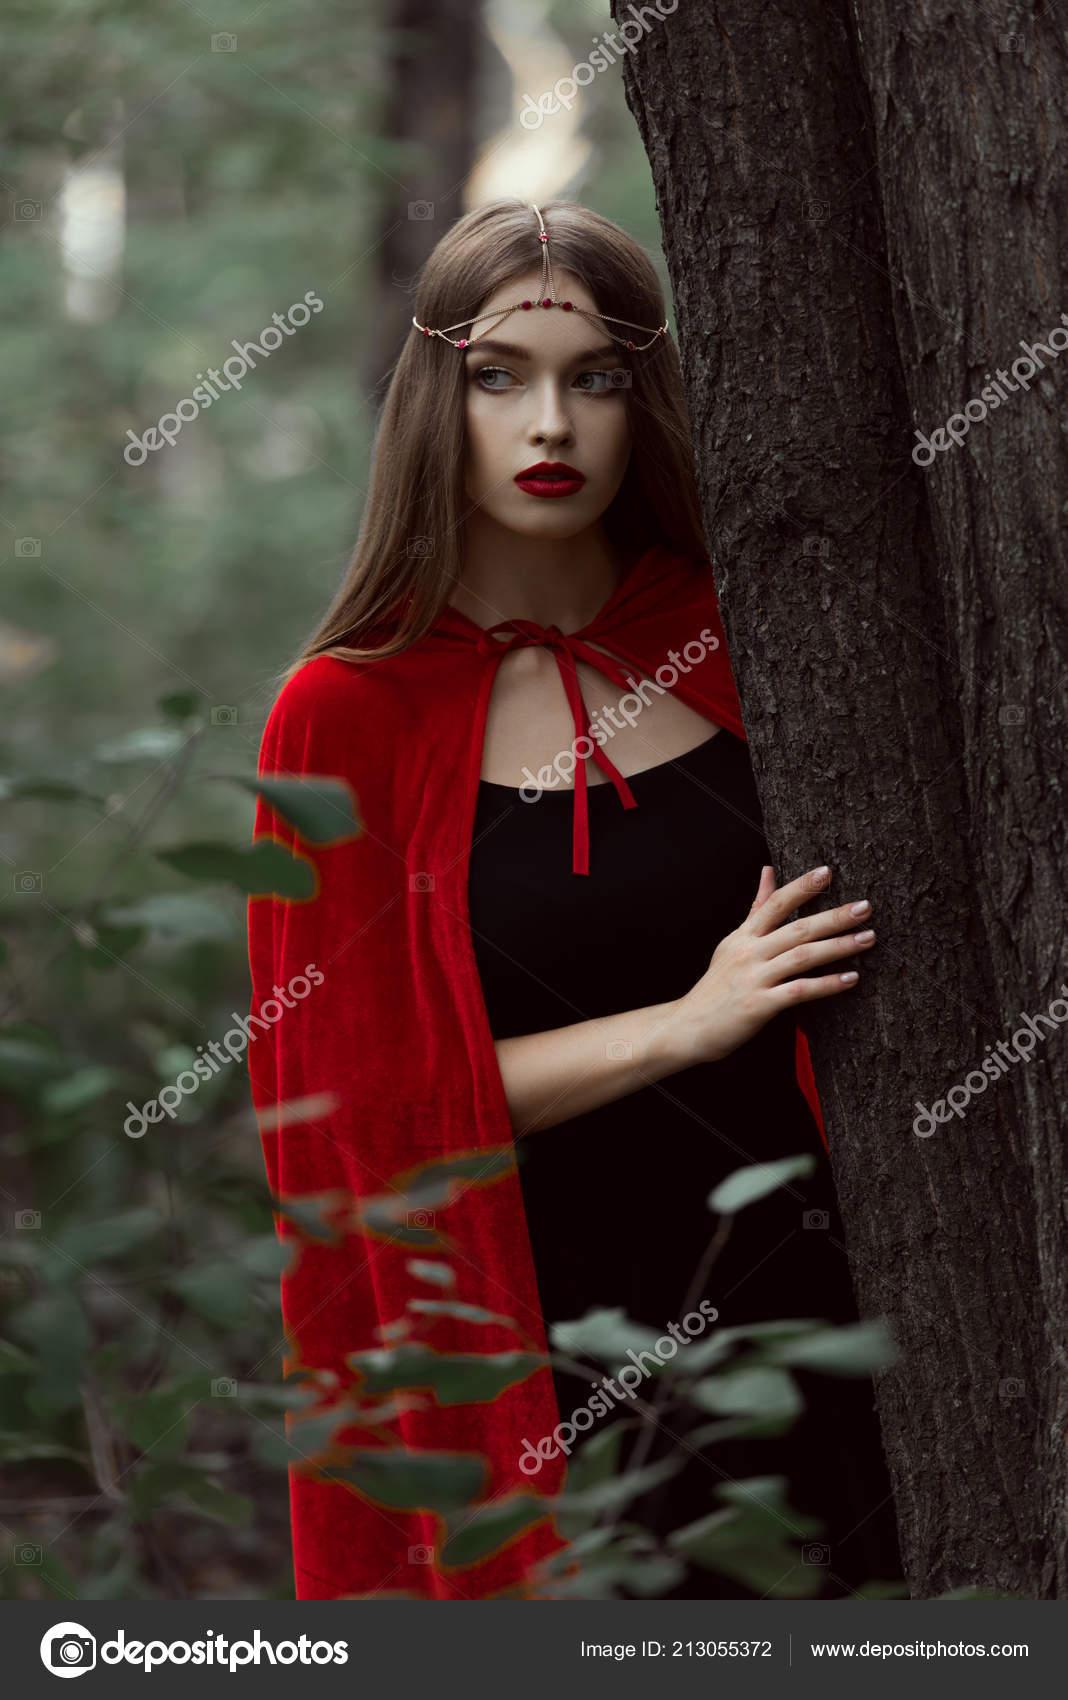 Kranz Elegante Mädchen Und Mantel Mystische Schöne Roten E9DH2I